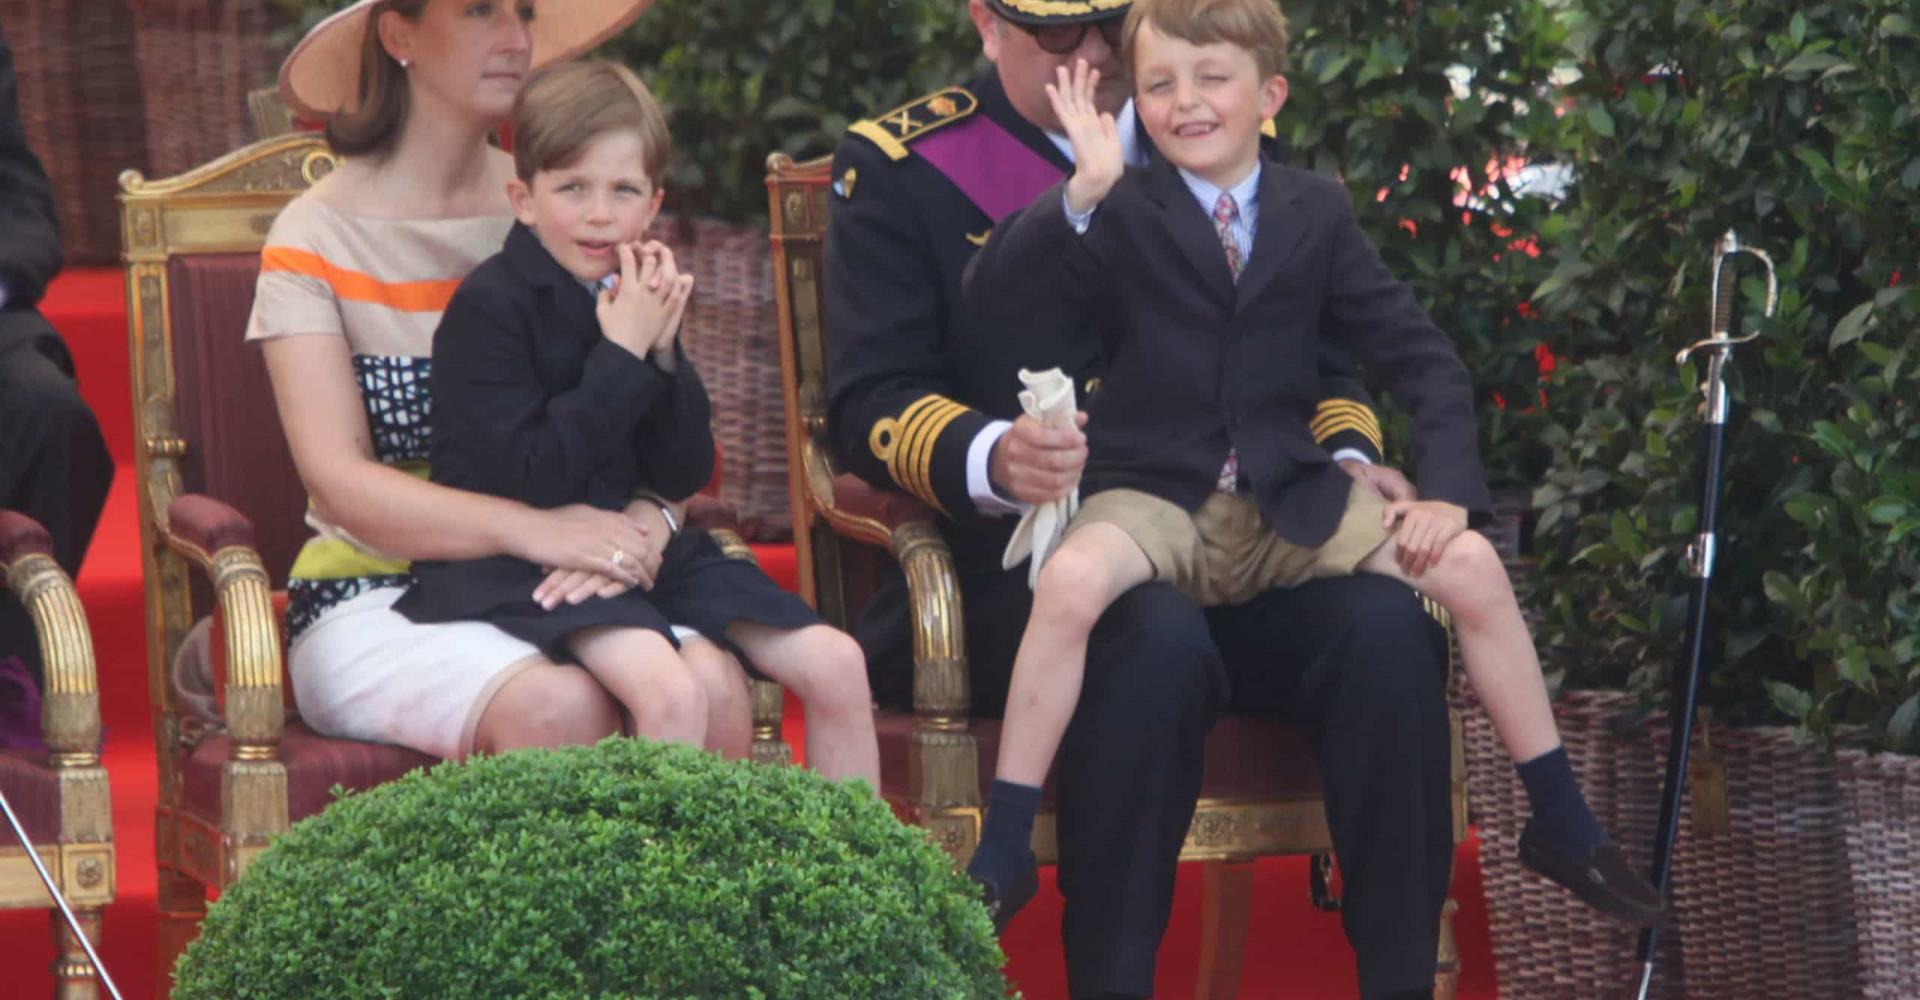 De adorabele prinselijke tweeling van België